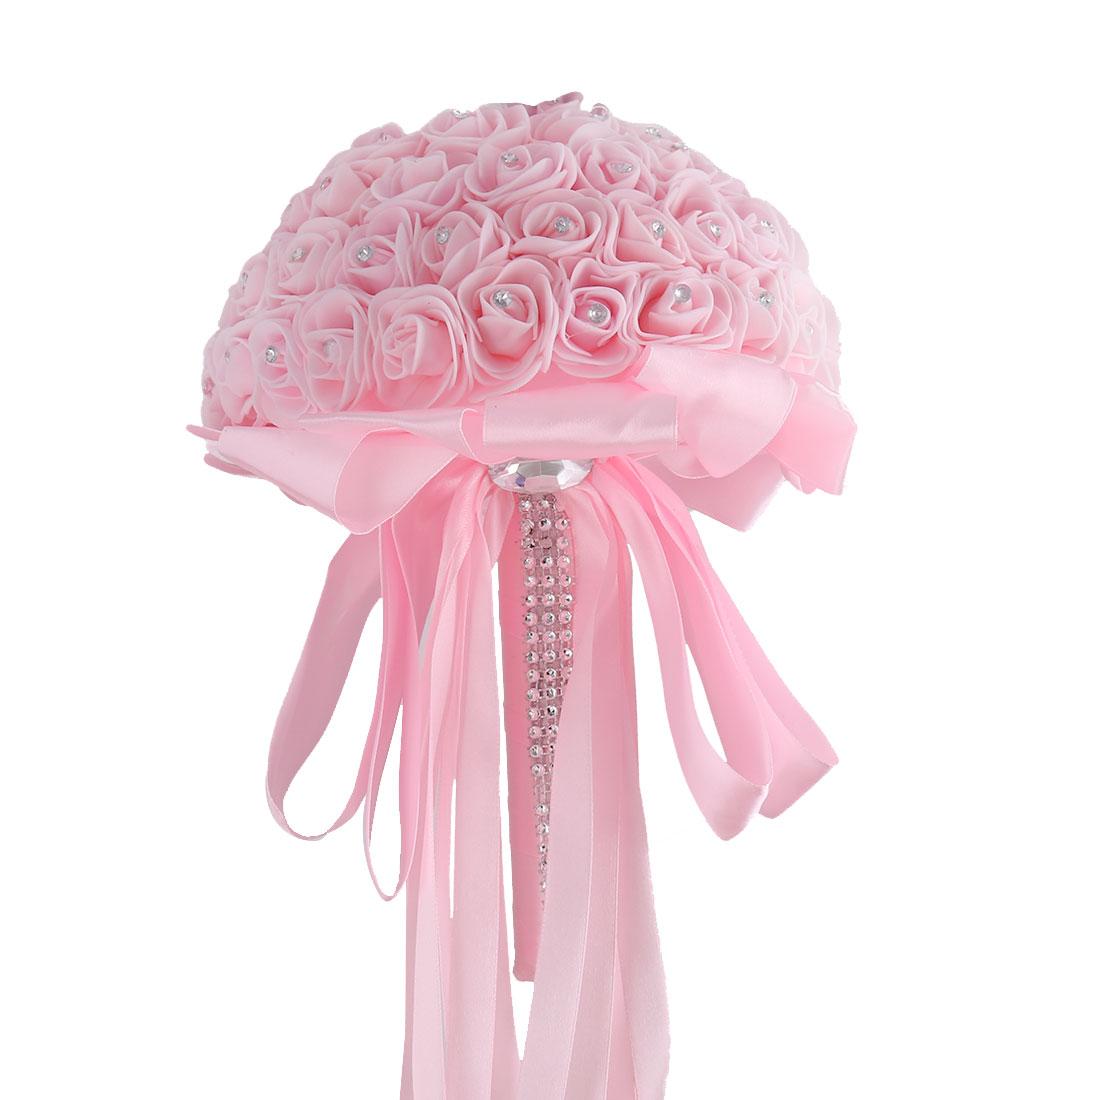 Bridesmaid Wedding Foam Buds Globular Handmade Artificial Flower Bouquet Pink